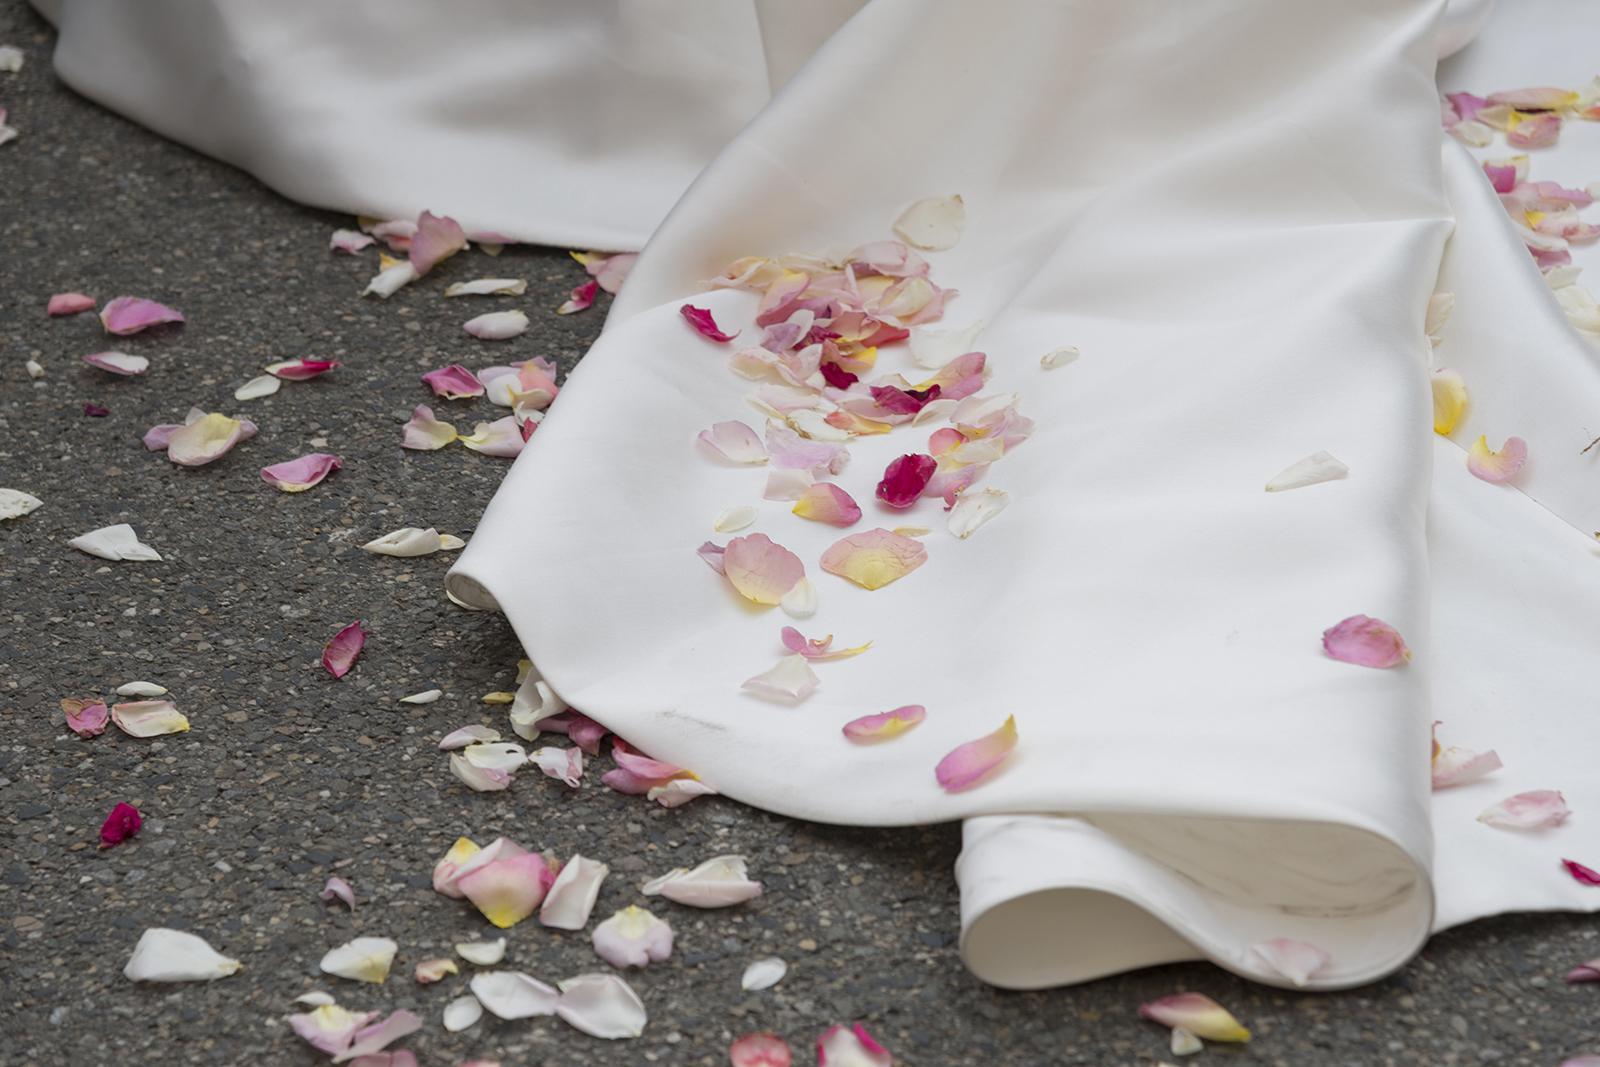 pétale de rose sur robe de mariée à la sortie d'église